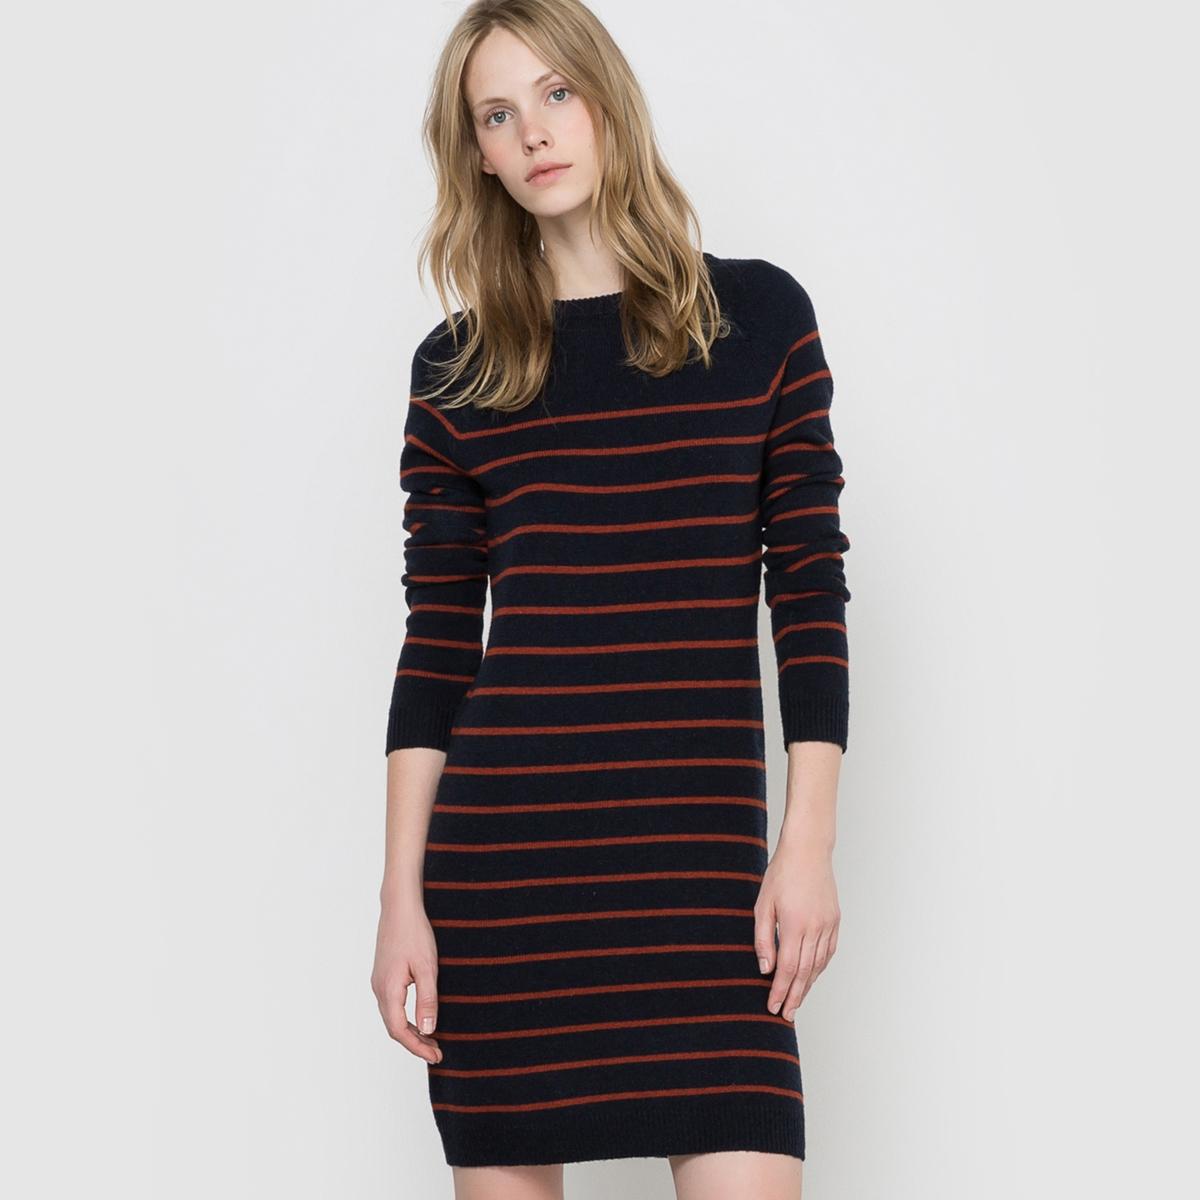 Платье-пуловер в полоску, 50% шерстиСостав и описаниеМатериал 50% шерсти ягненка, 30% полиамида, 20% вискозыМарка R EssentielУходРучная стиркаМашинная сушка запрещенаГладить с изнаночной стороны при умеренной температуре<br><br>Цвет: в полоску темно-синий/зеленый,в полоску темно-синий/кирпичный<br>Размер: 42/44 (FR) - 48/50 (RUS)